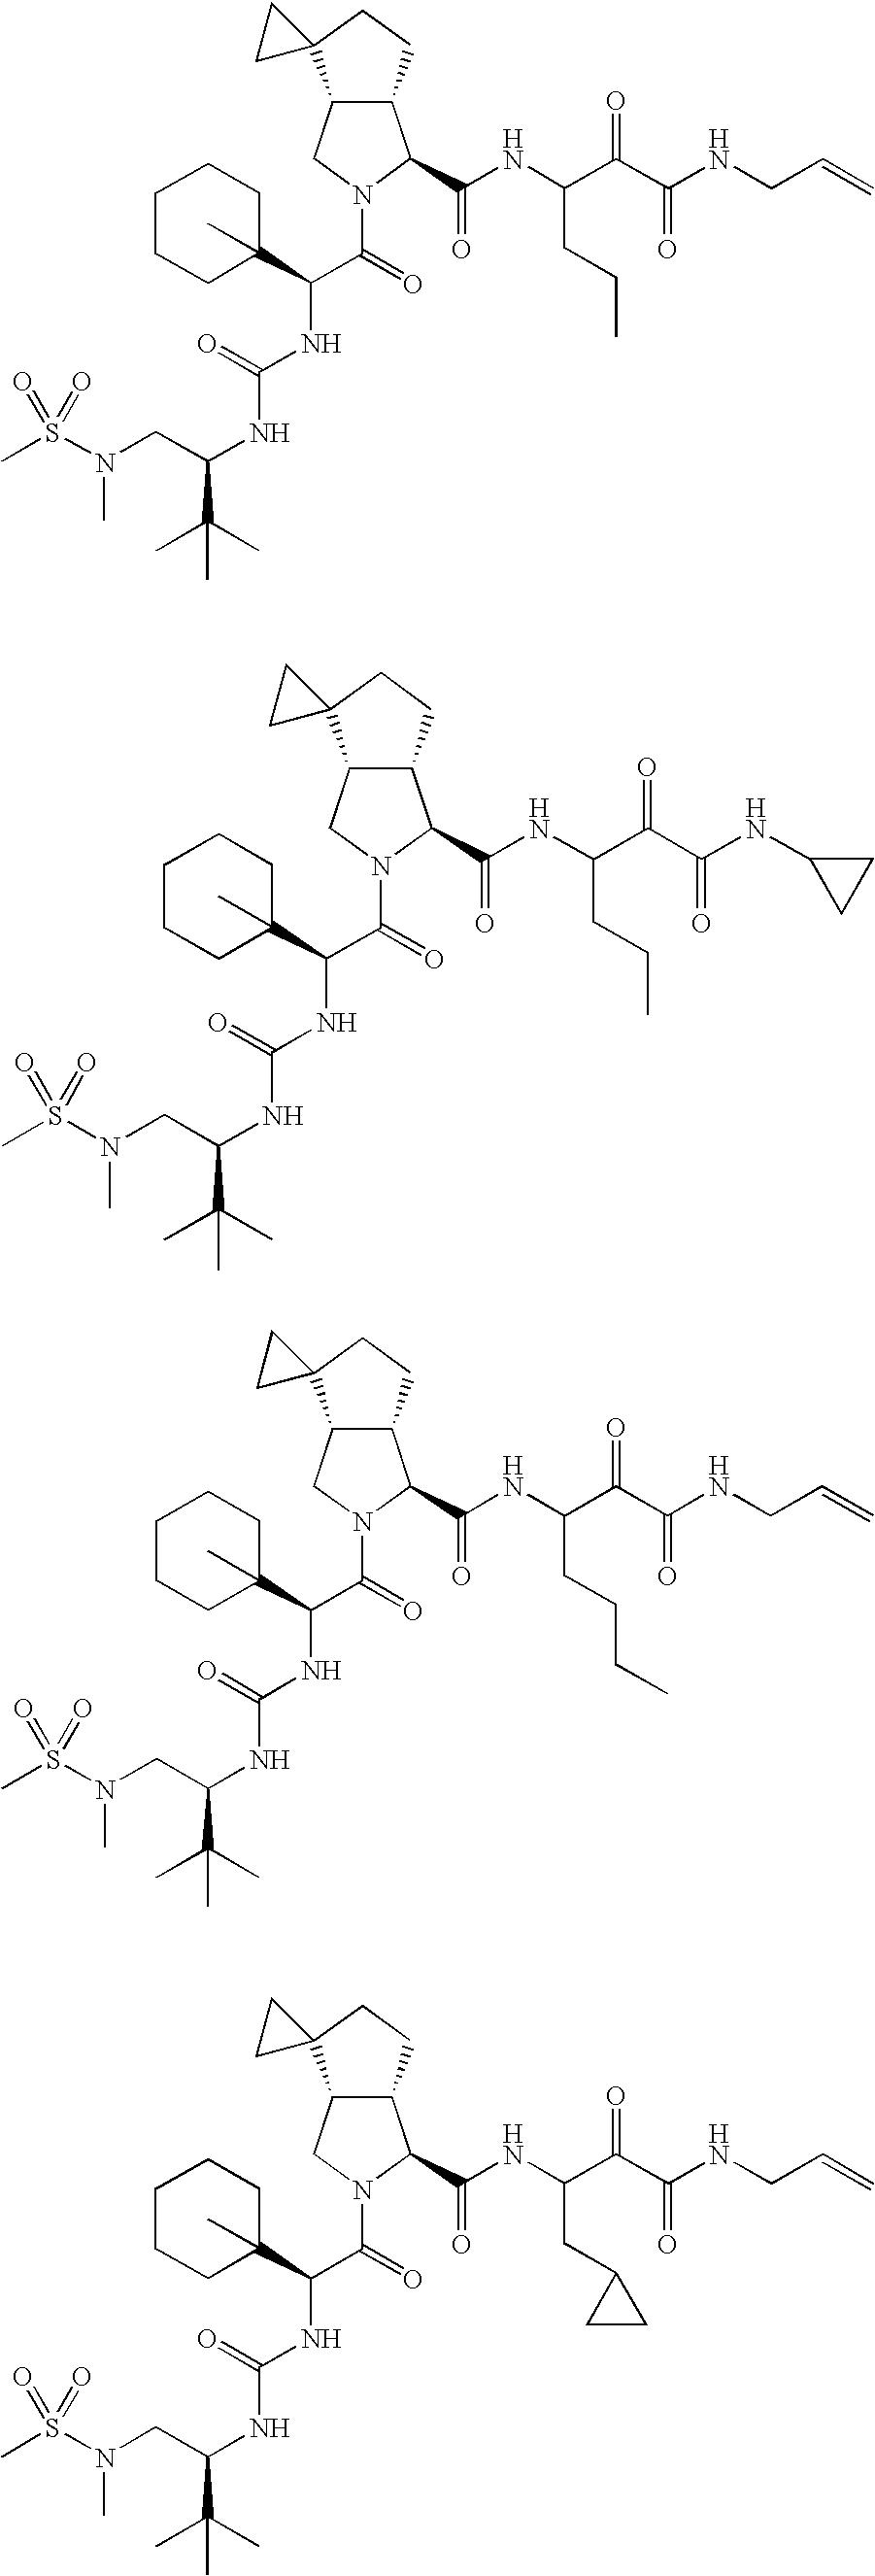 Figure US20060287248A1-20061221-C00497